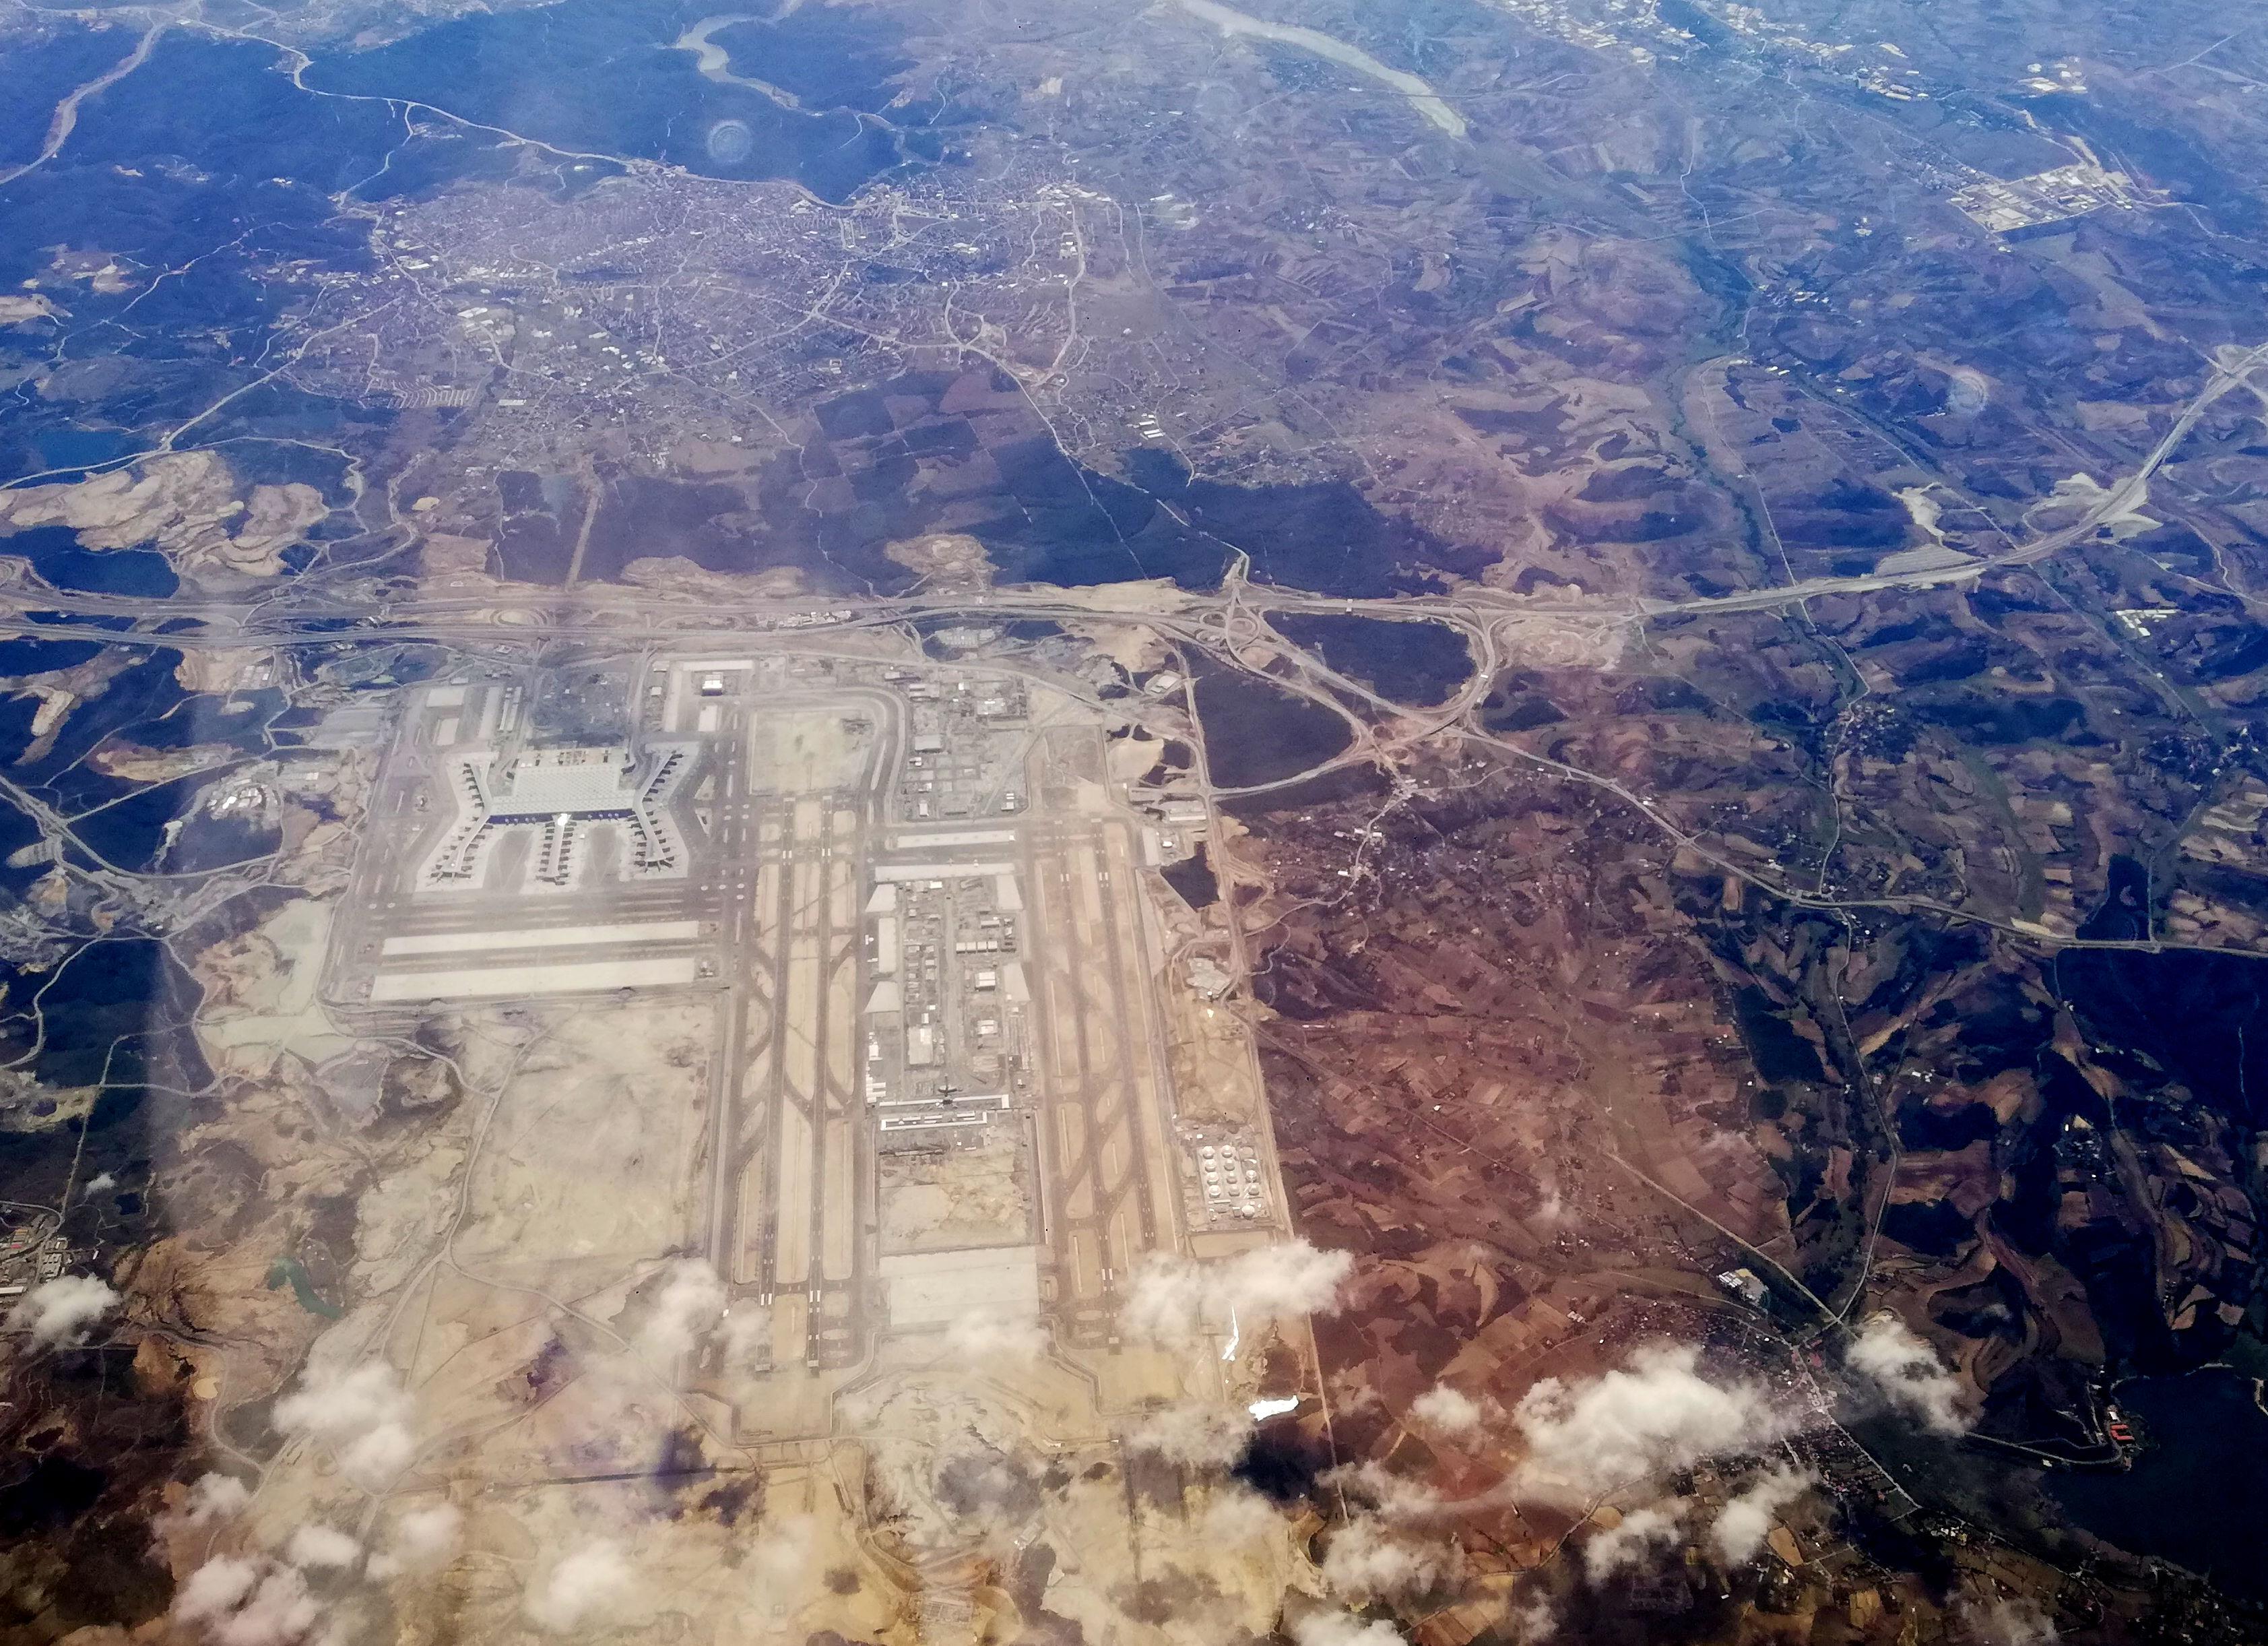 Istanbulin uuden lentokentän alue syyskuussa 2018. Kuva: Jekader/Wikimedia Commons.